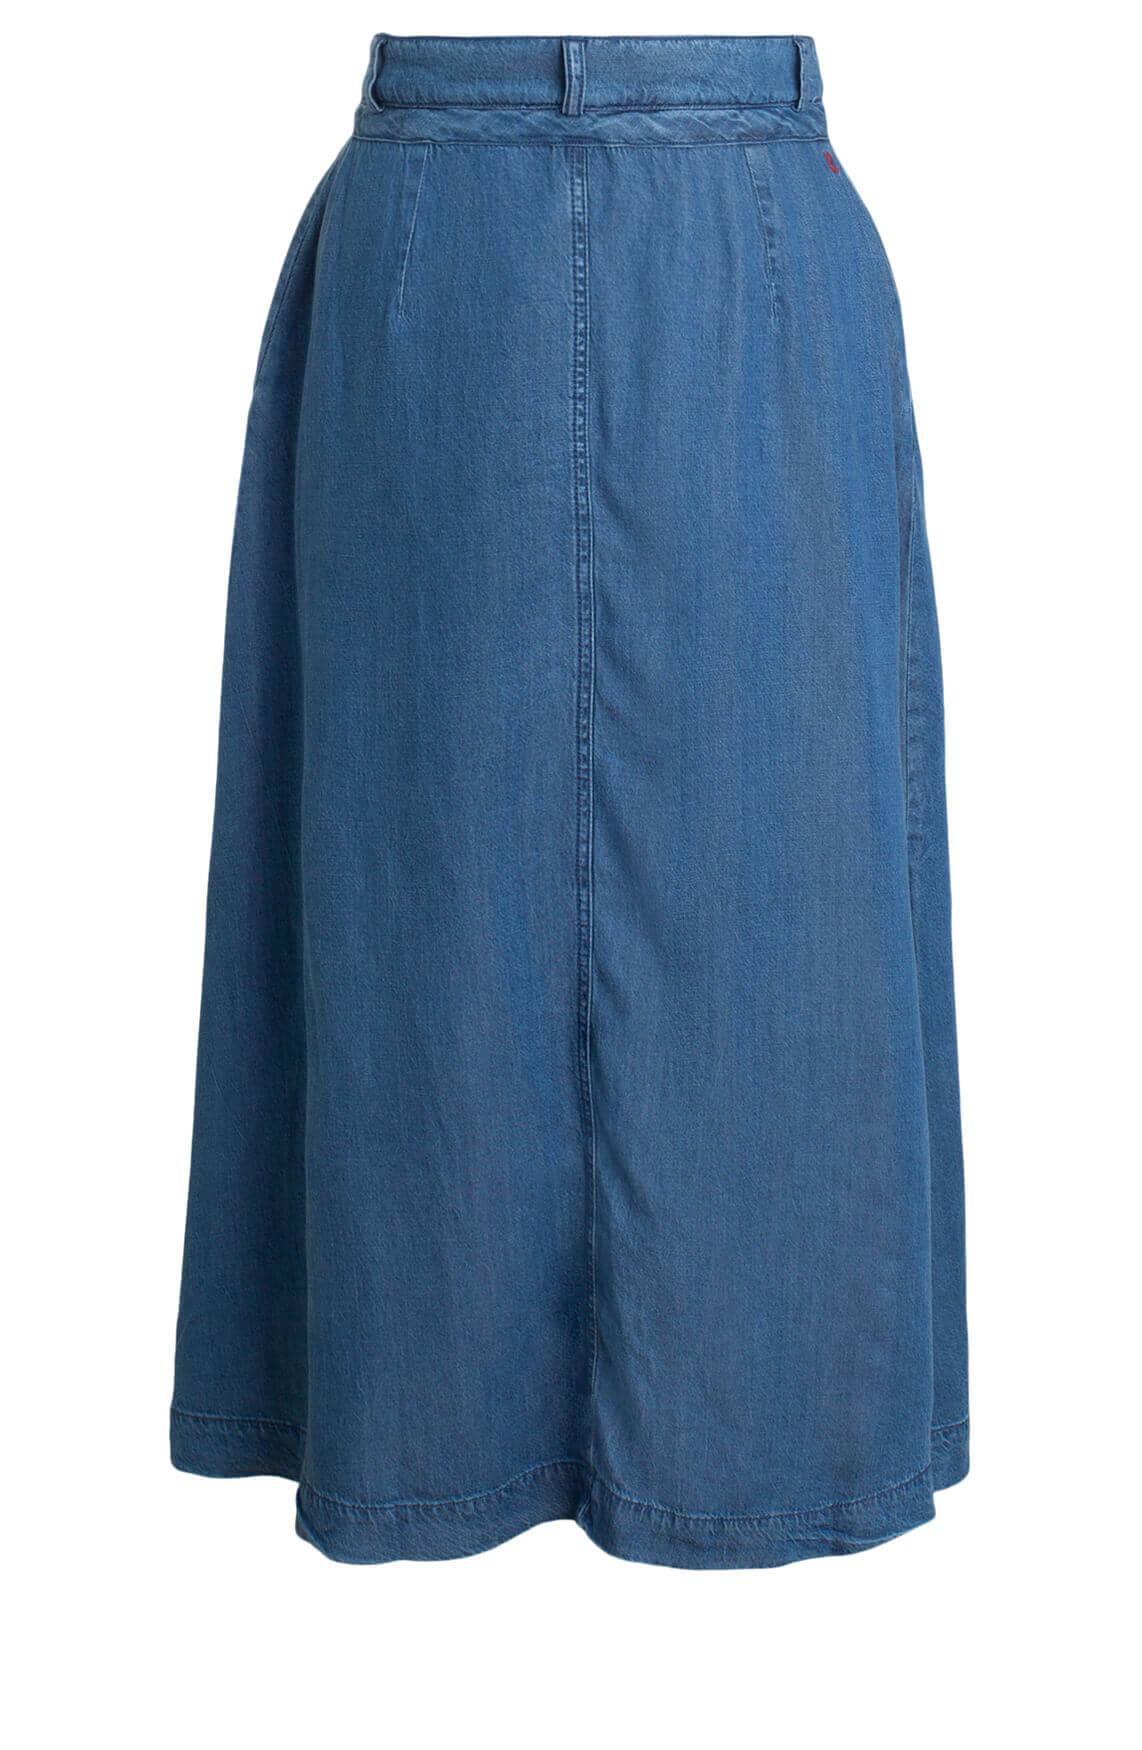 Anna Blue Dames Midi jeans rok Blauw